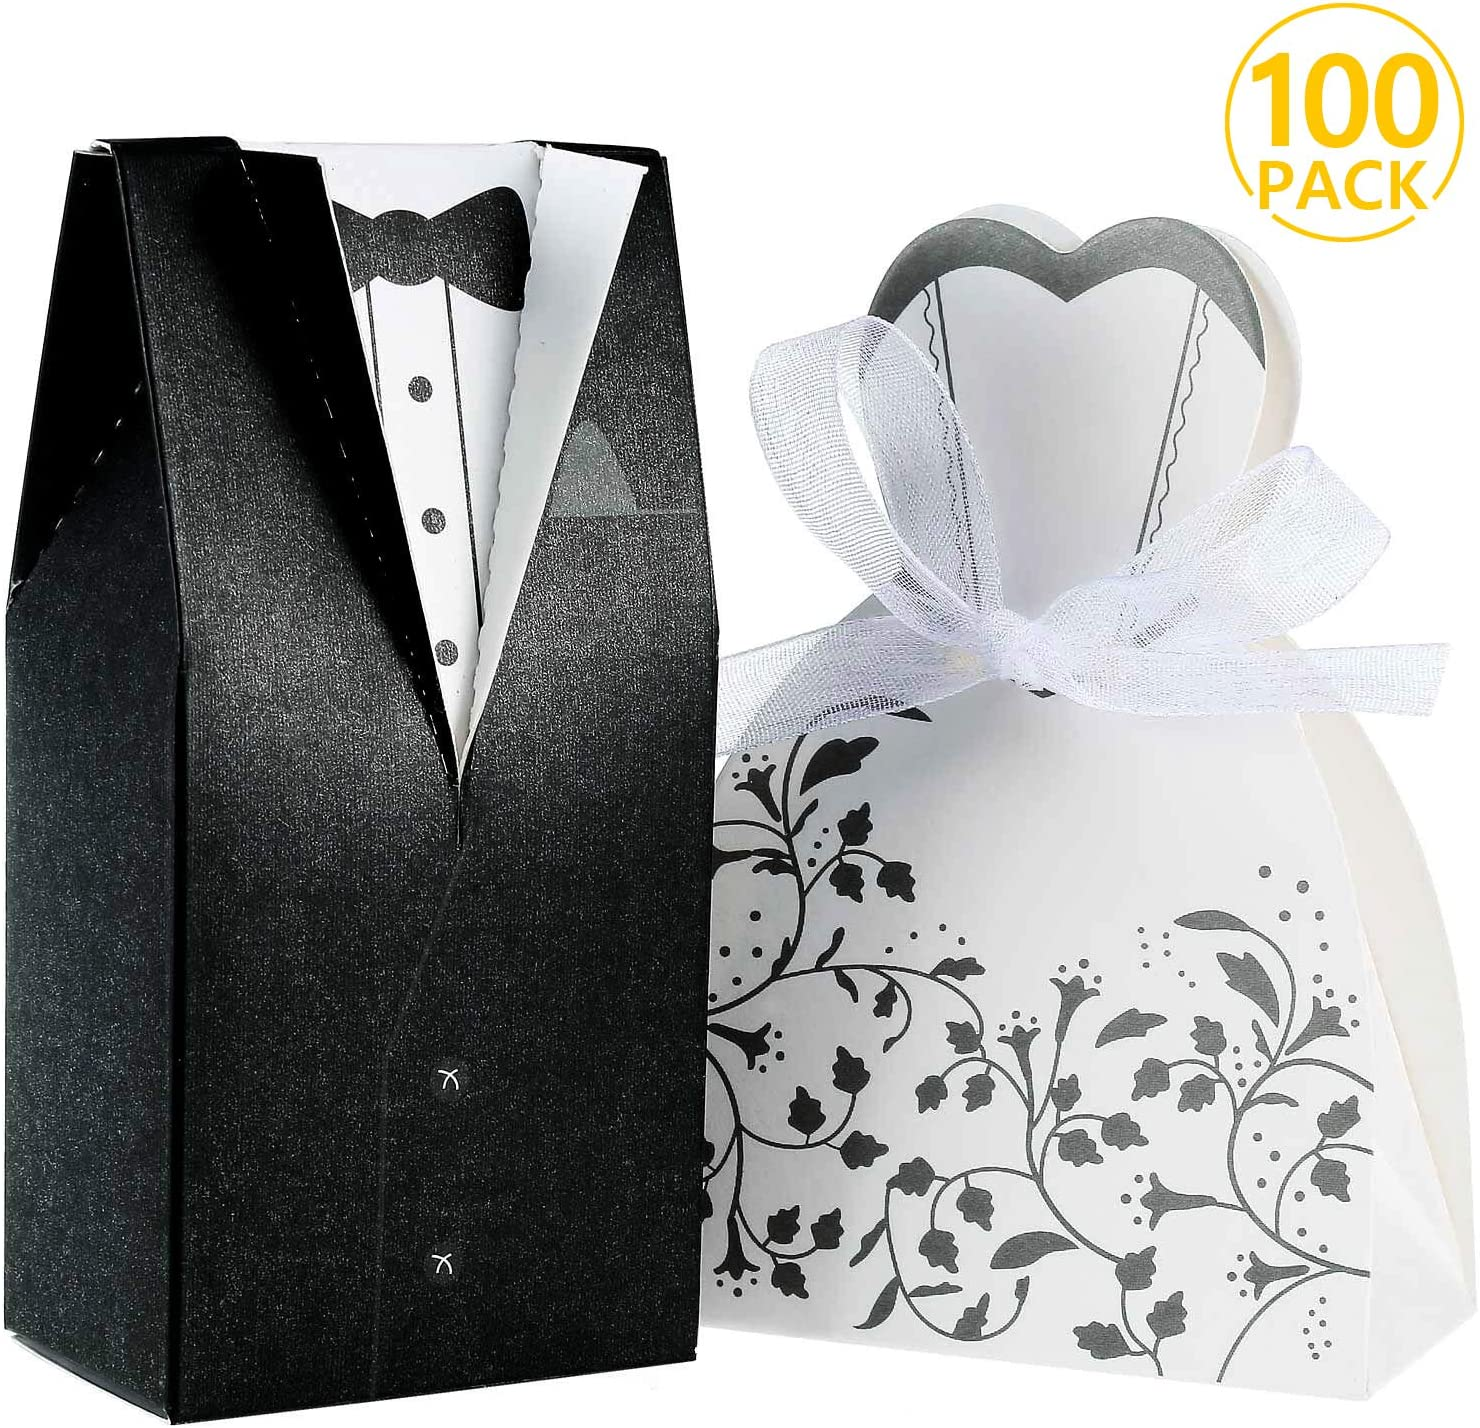 Foonii® 100pcs Cajas de Caramelos Cajas de Regalo (50pcs Novia + 50pcs Novio), Regalo, Recuerdo, Favor, Detalle, Decoración para Invitados de Boda: Amazon.es: Juguetes y juegos